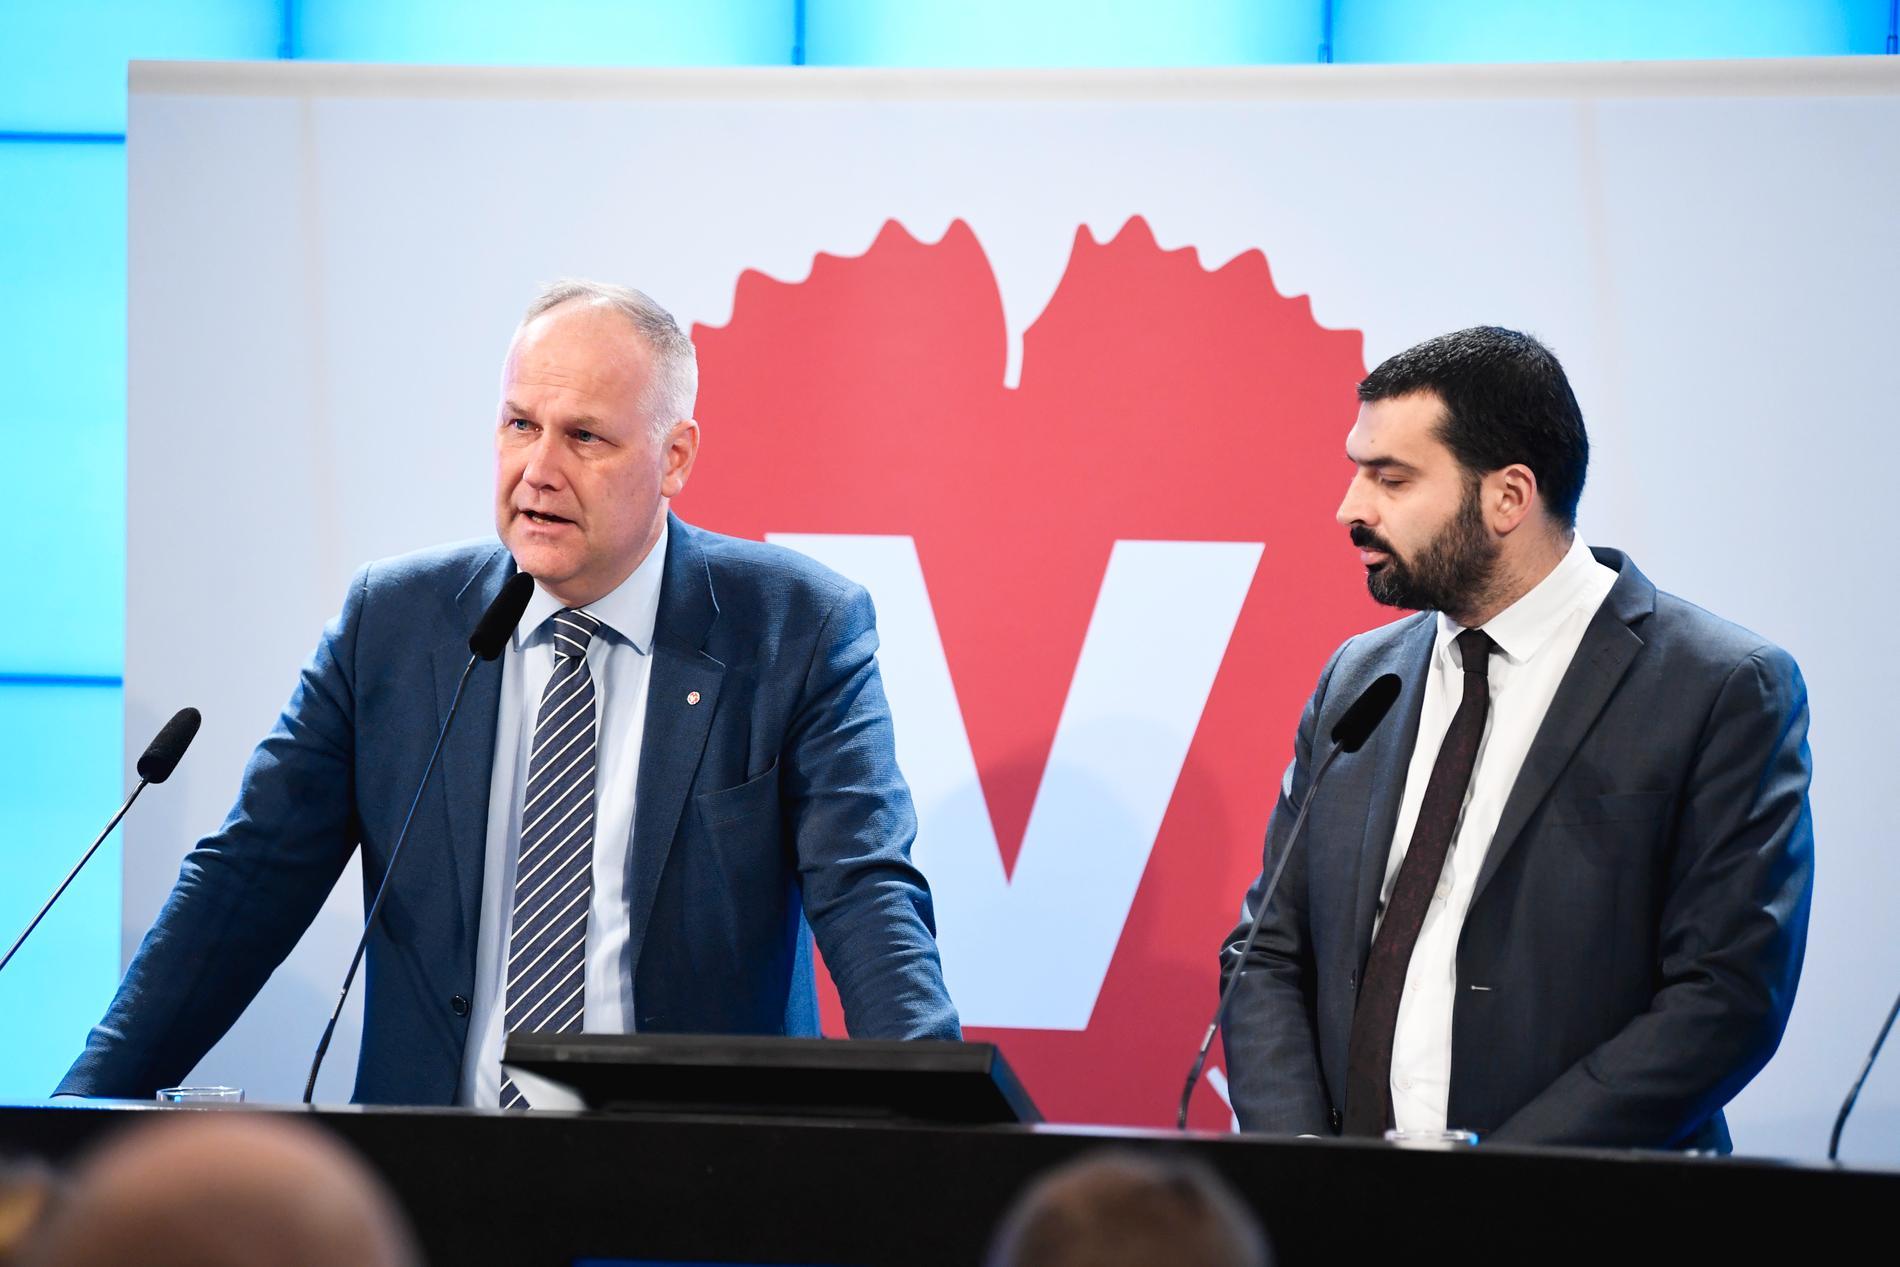 Vänsterpartiets ordförande Jonas Sjöstedt och riksdagsledamot Ali Esbati hotar med att väcka misstroende mot arbetsmarknadsminister Eva Nordmark (S).